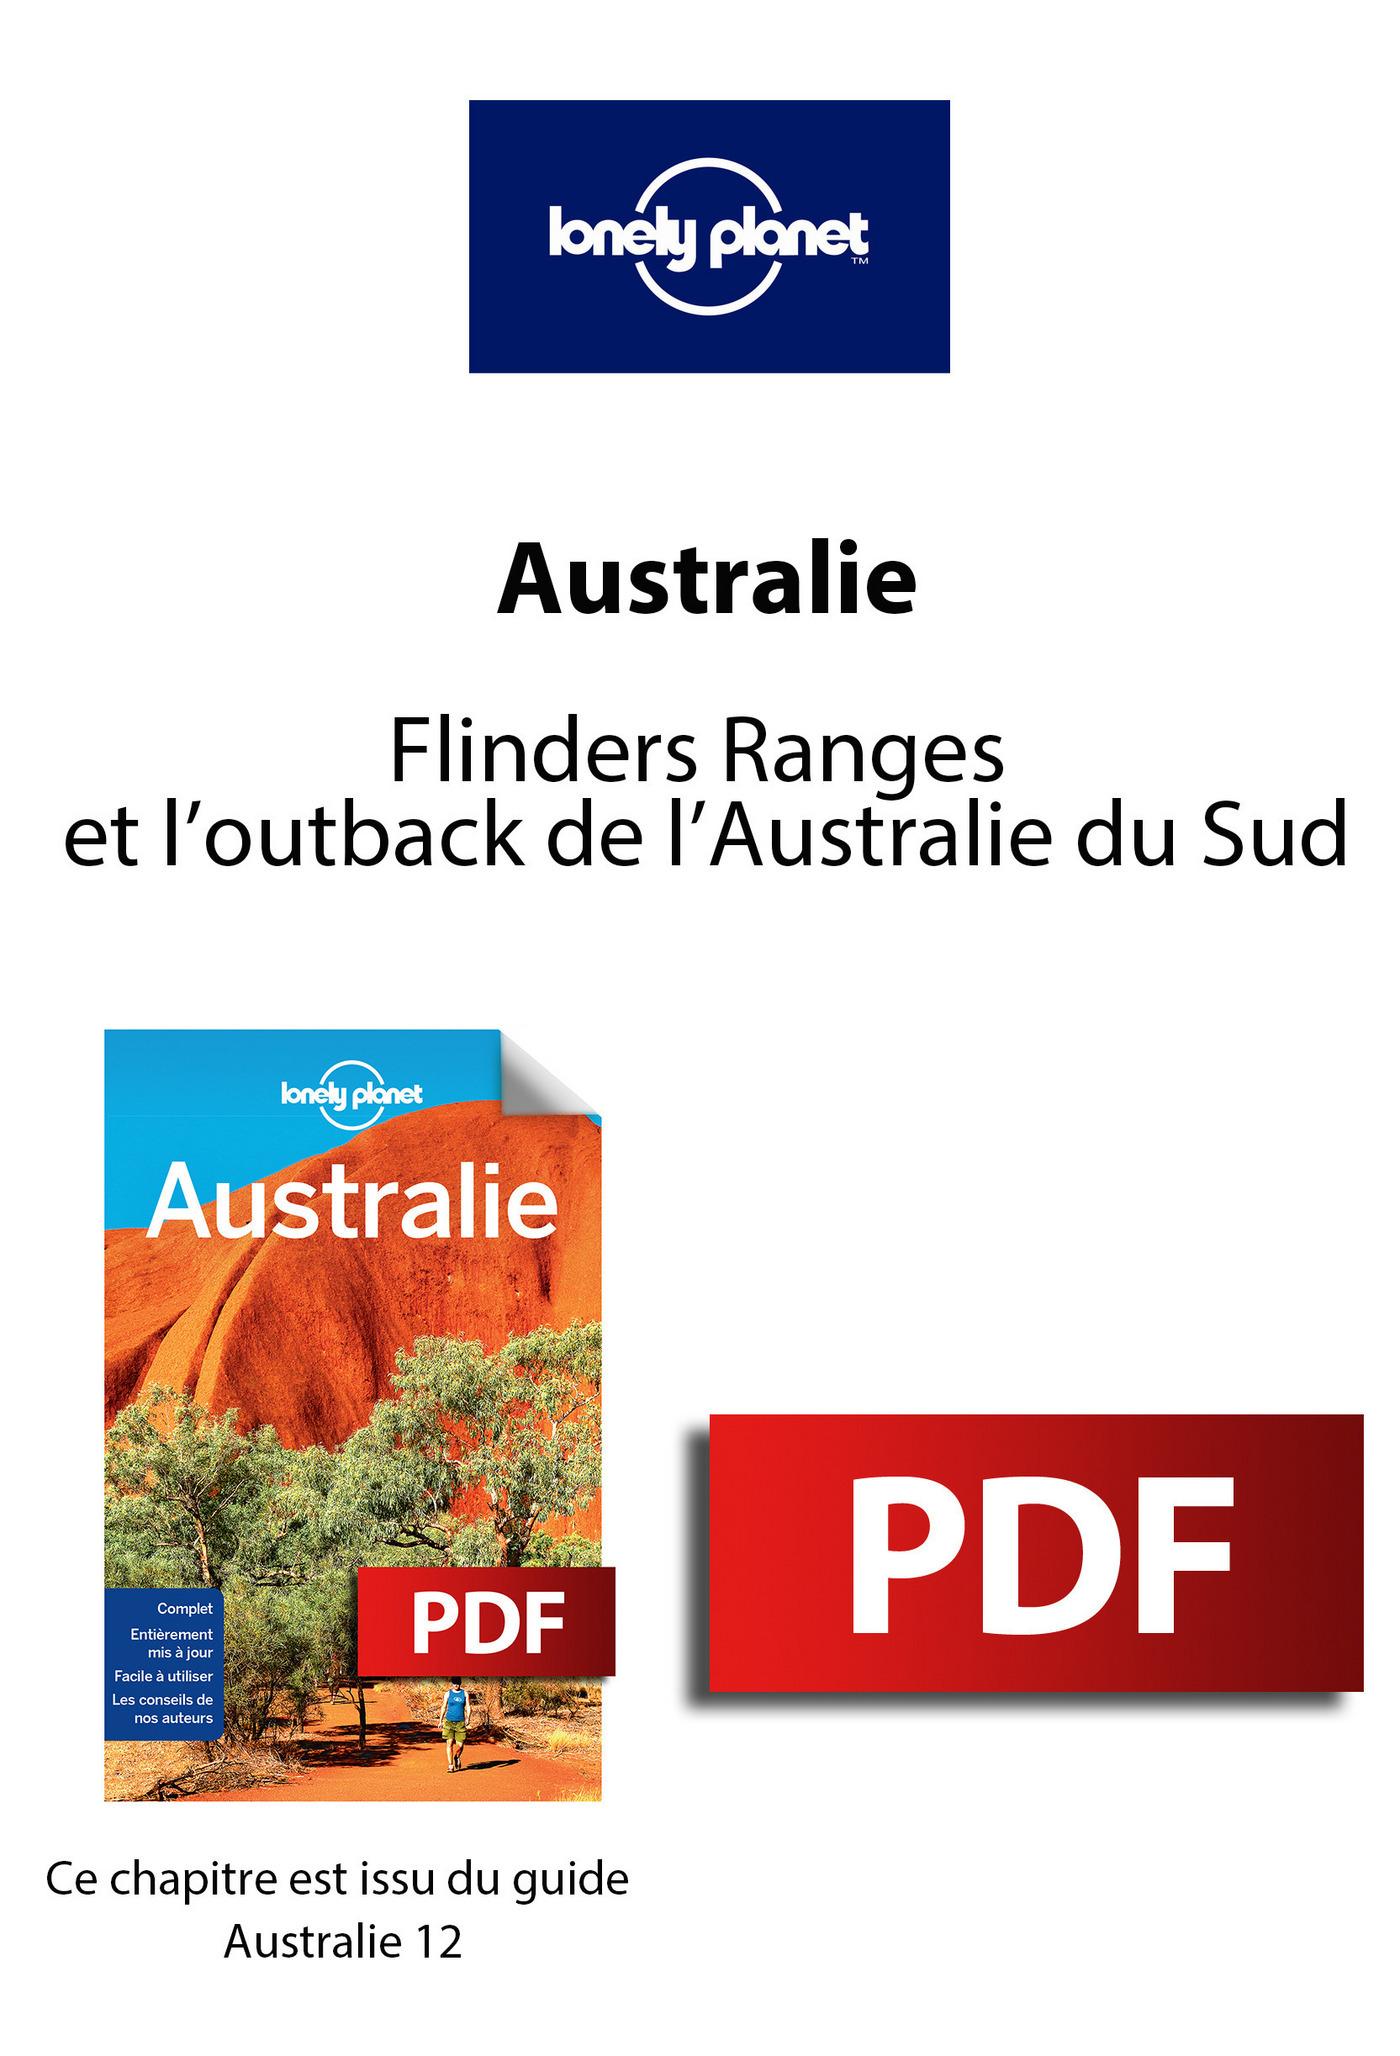 Australie - Flinders Ranges et l'outback de l'Australie du Sud